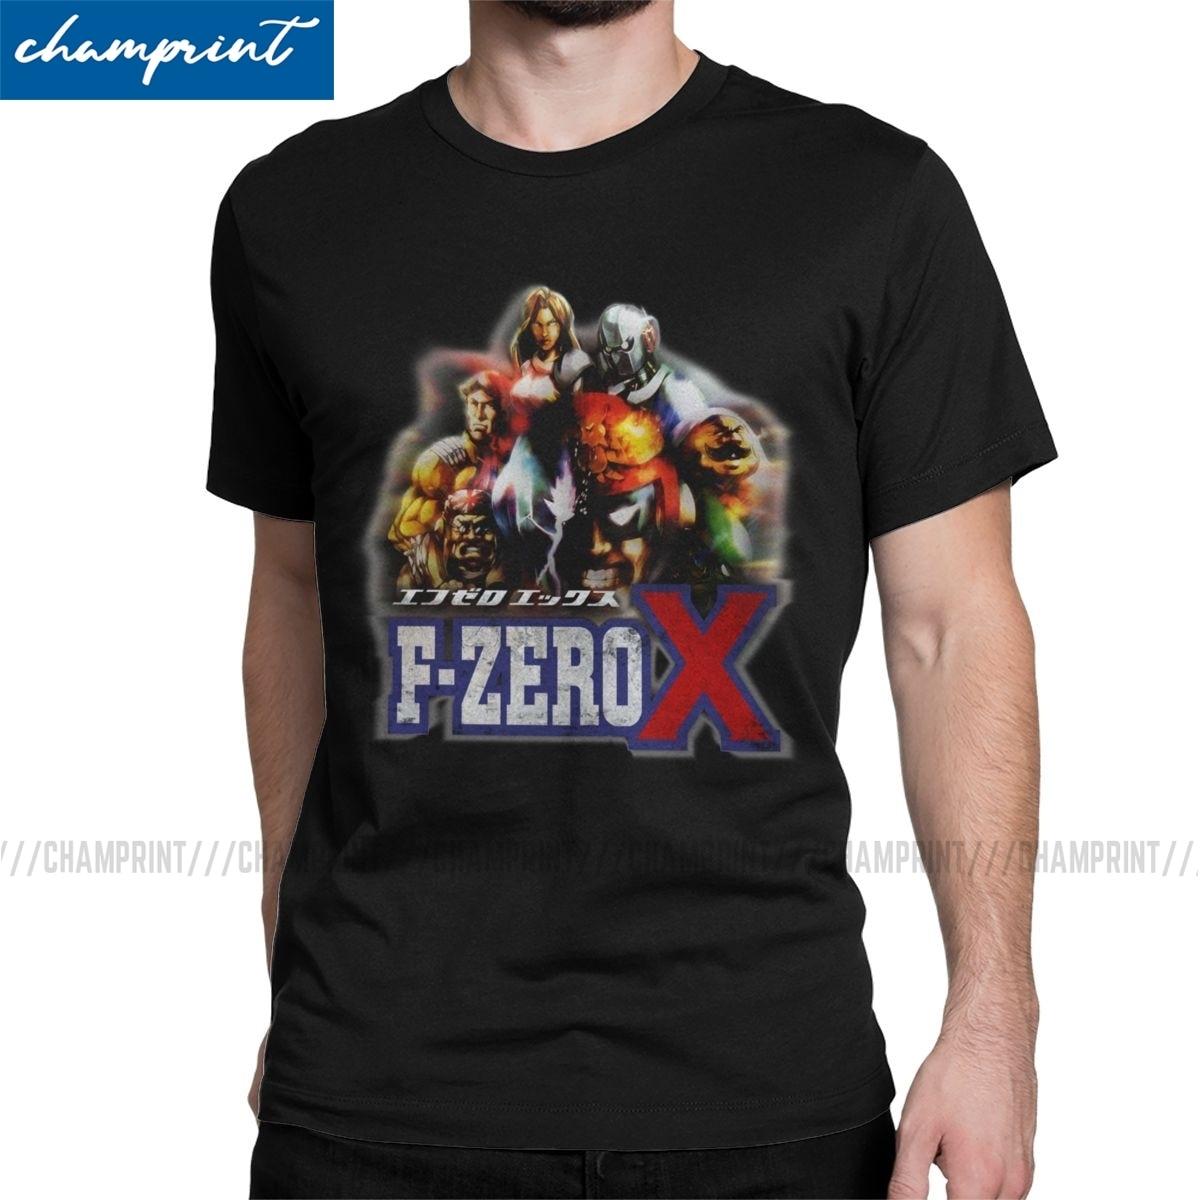 Camisetas F-Zero X, camisetas divertidas de algodón puro para hombre, camisetas Retro con cuello redondo para juegos de carreras, ropa de manga corta de talla grande